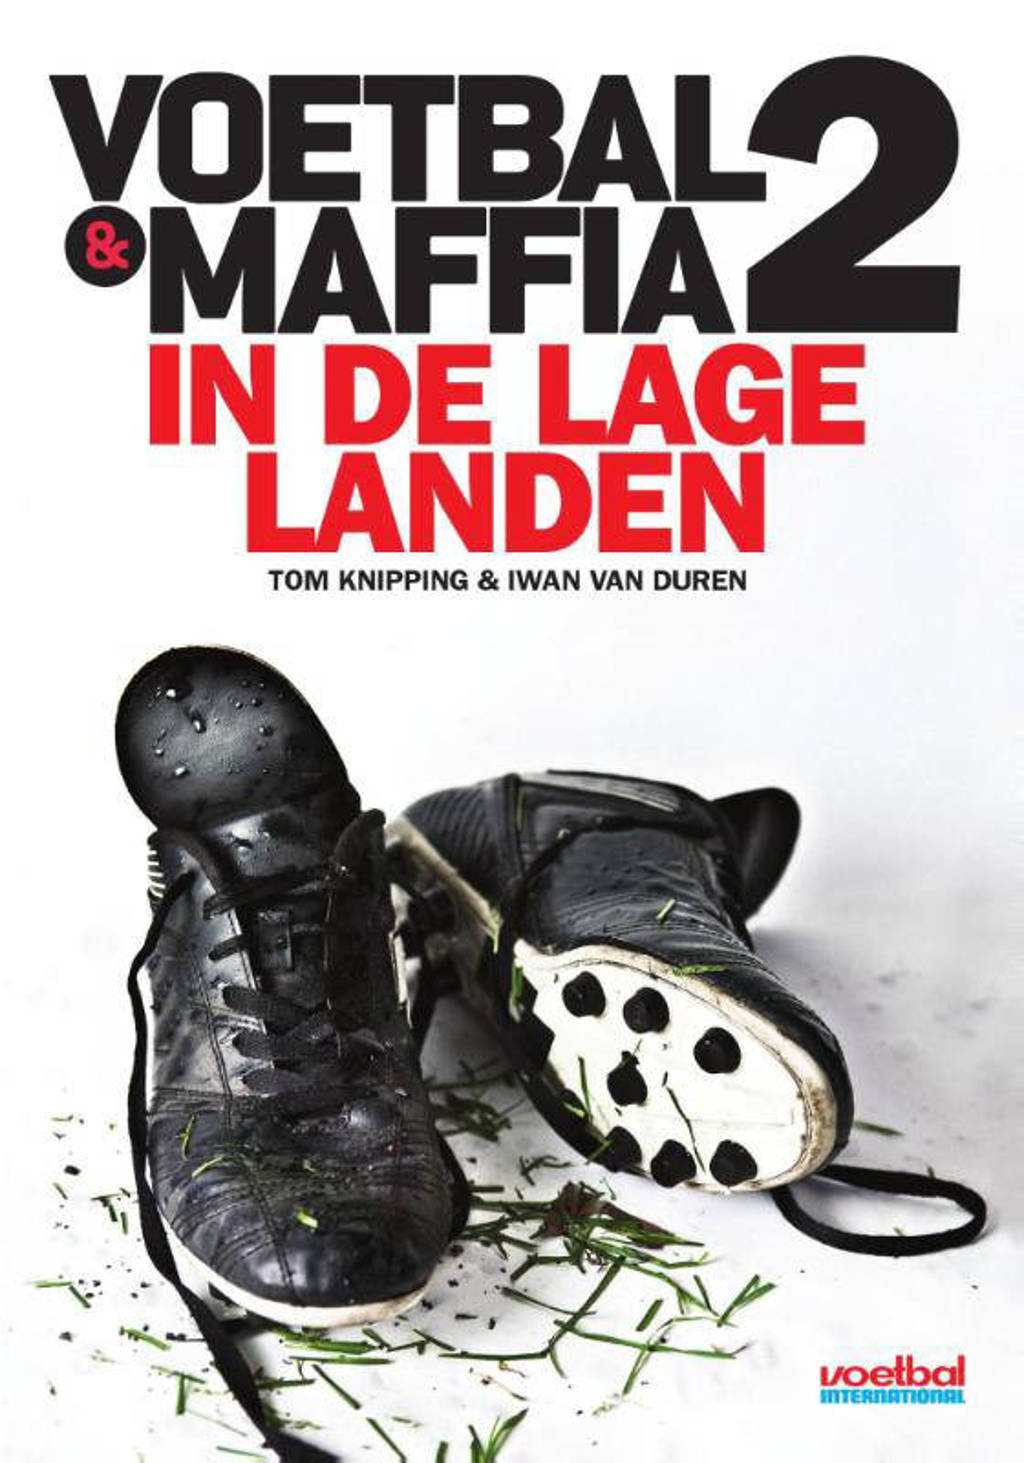 Voetbal & maffia in de lage landen - Tom Knipping en Iwan van Duren